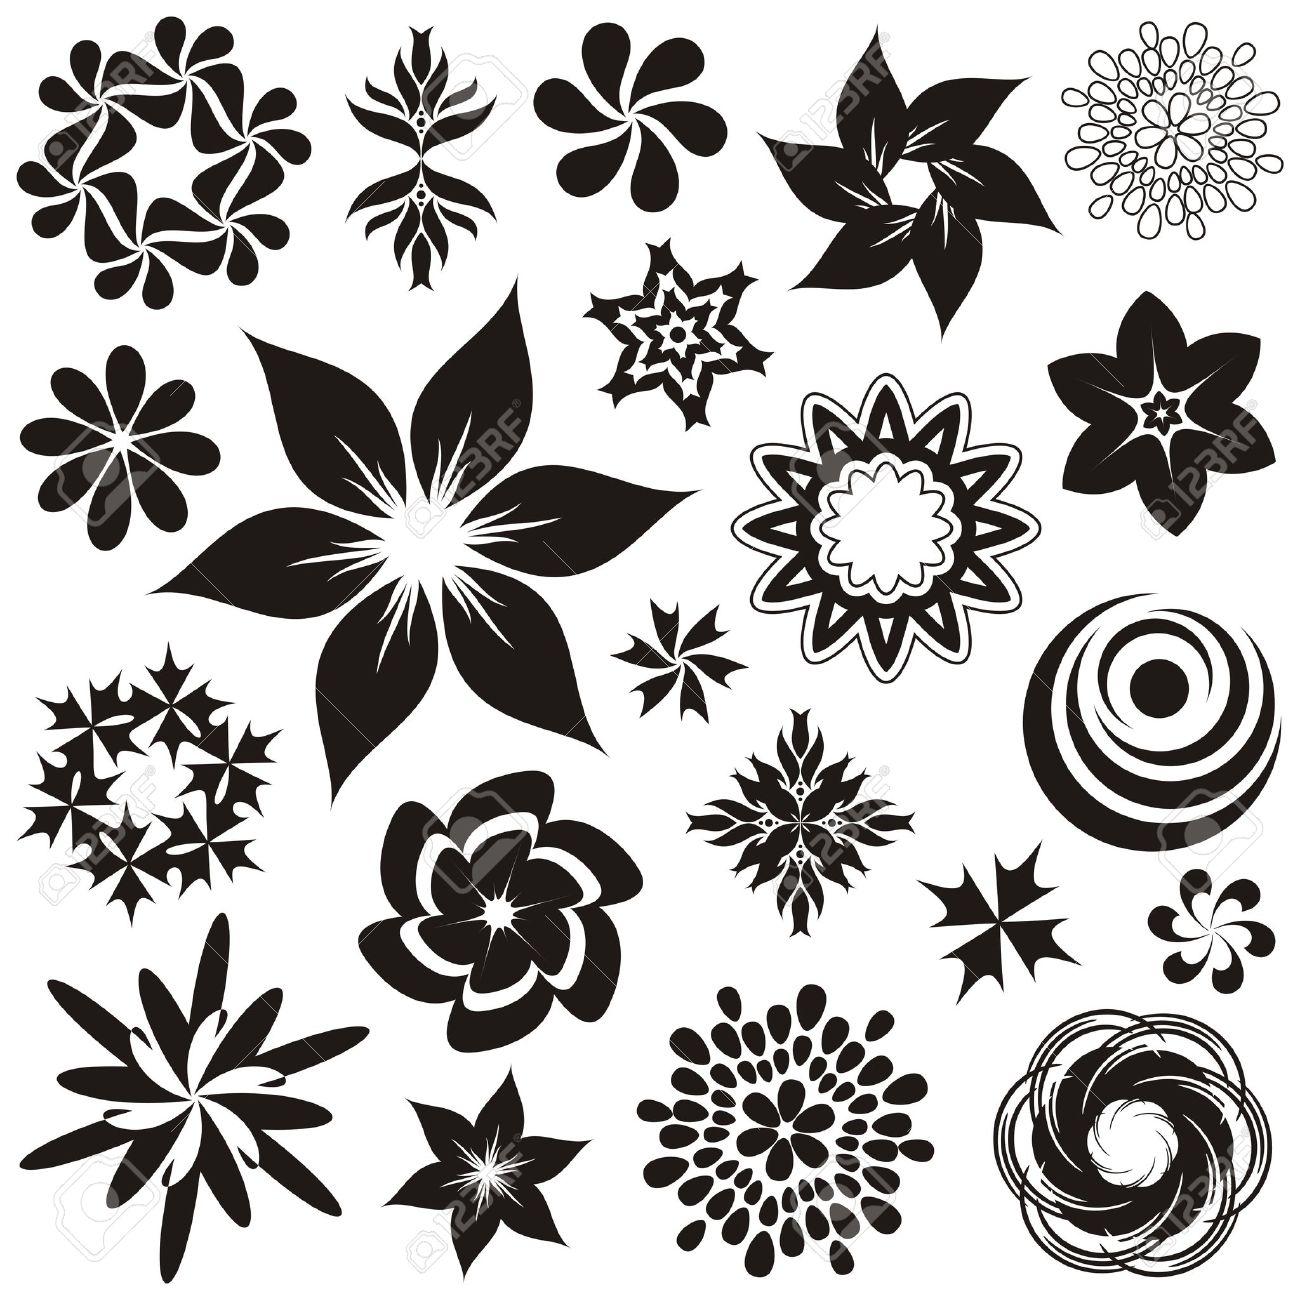 Conjunto De Símbolos Y Adornos De Flores En Blanco Y Negro Segundo